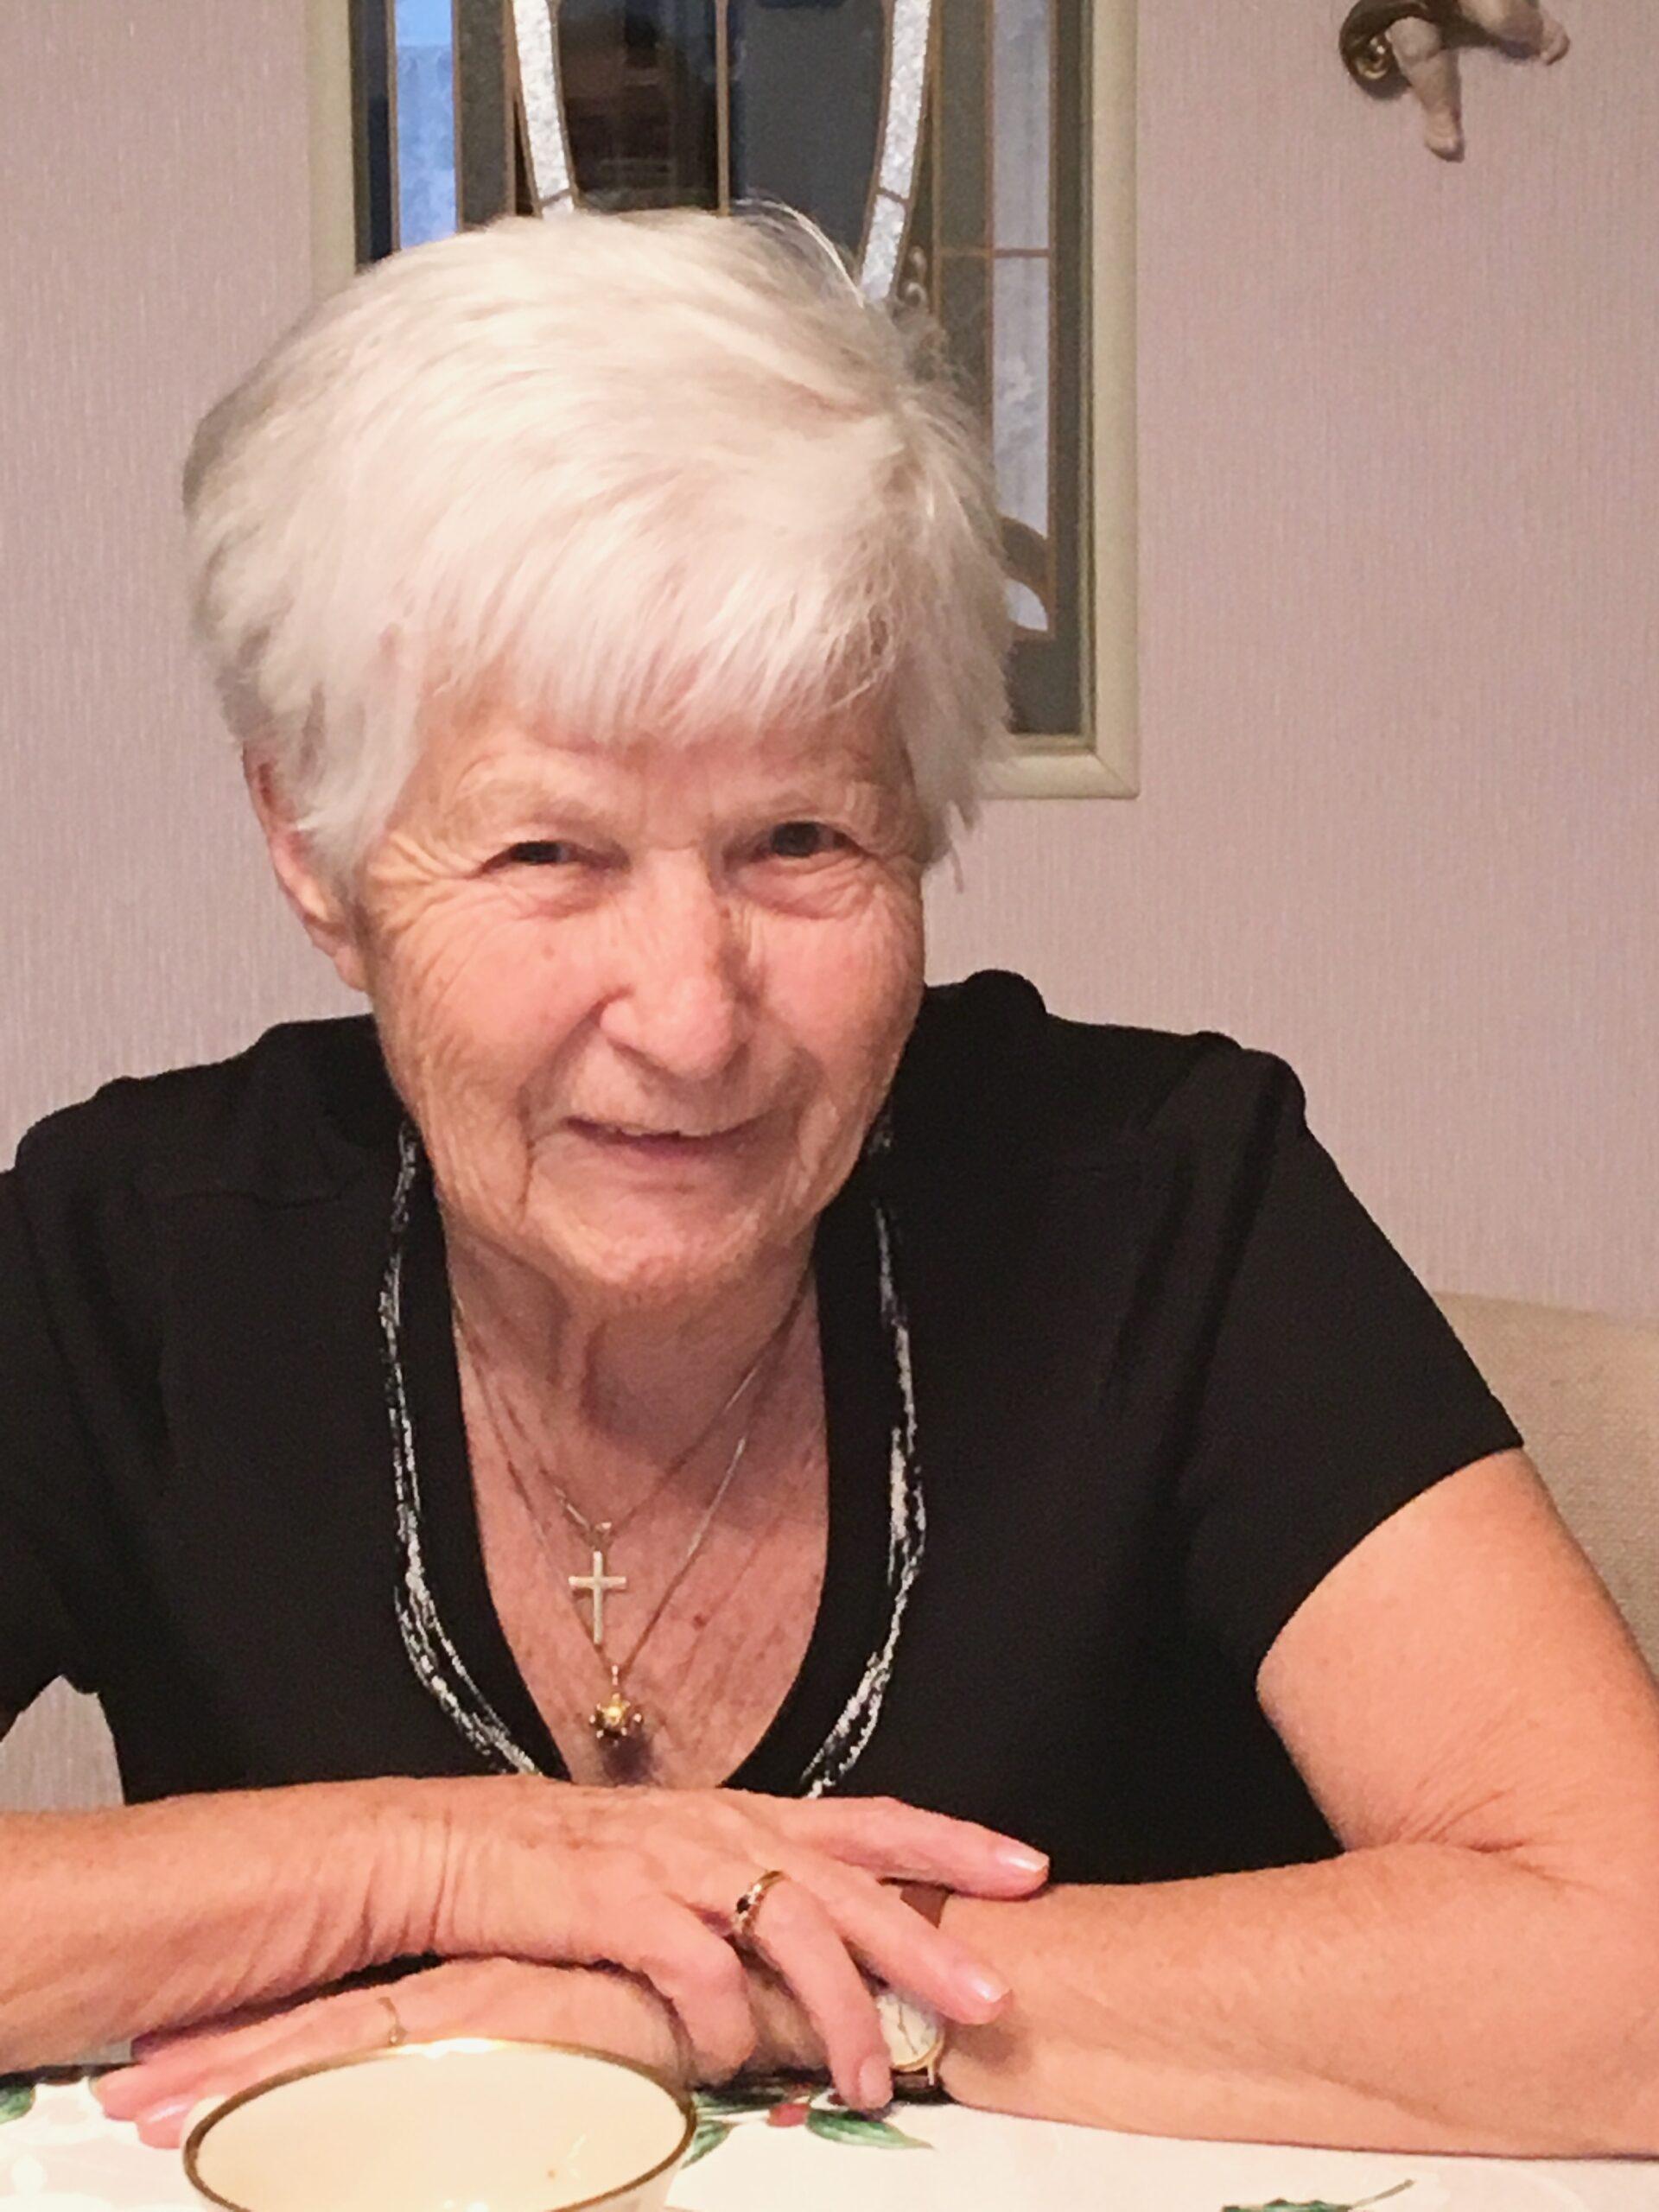 Aunt Rose smiling